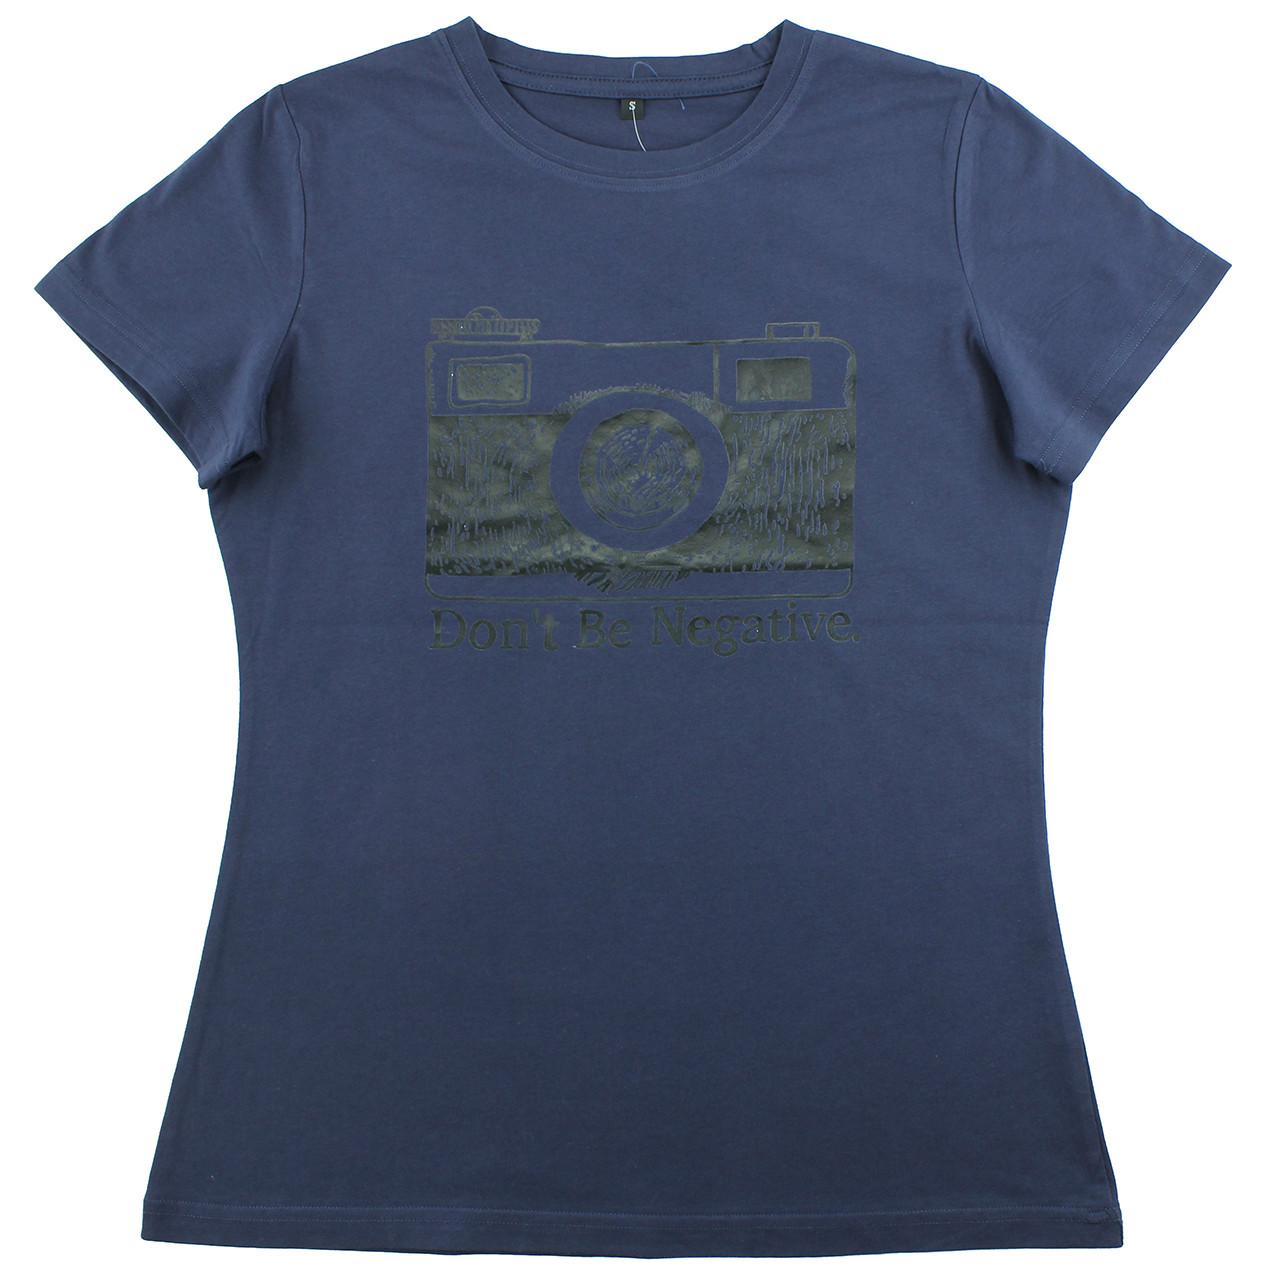 Модная крутая футболка хлопковая женская синяя летняя футболка с принтом камеры в стиле ретро